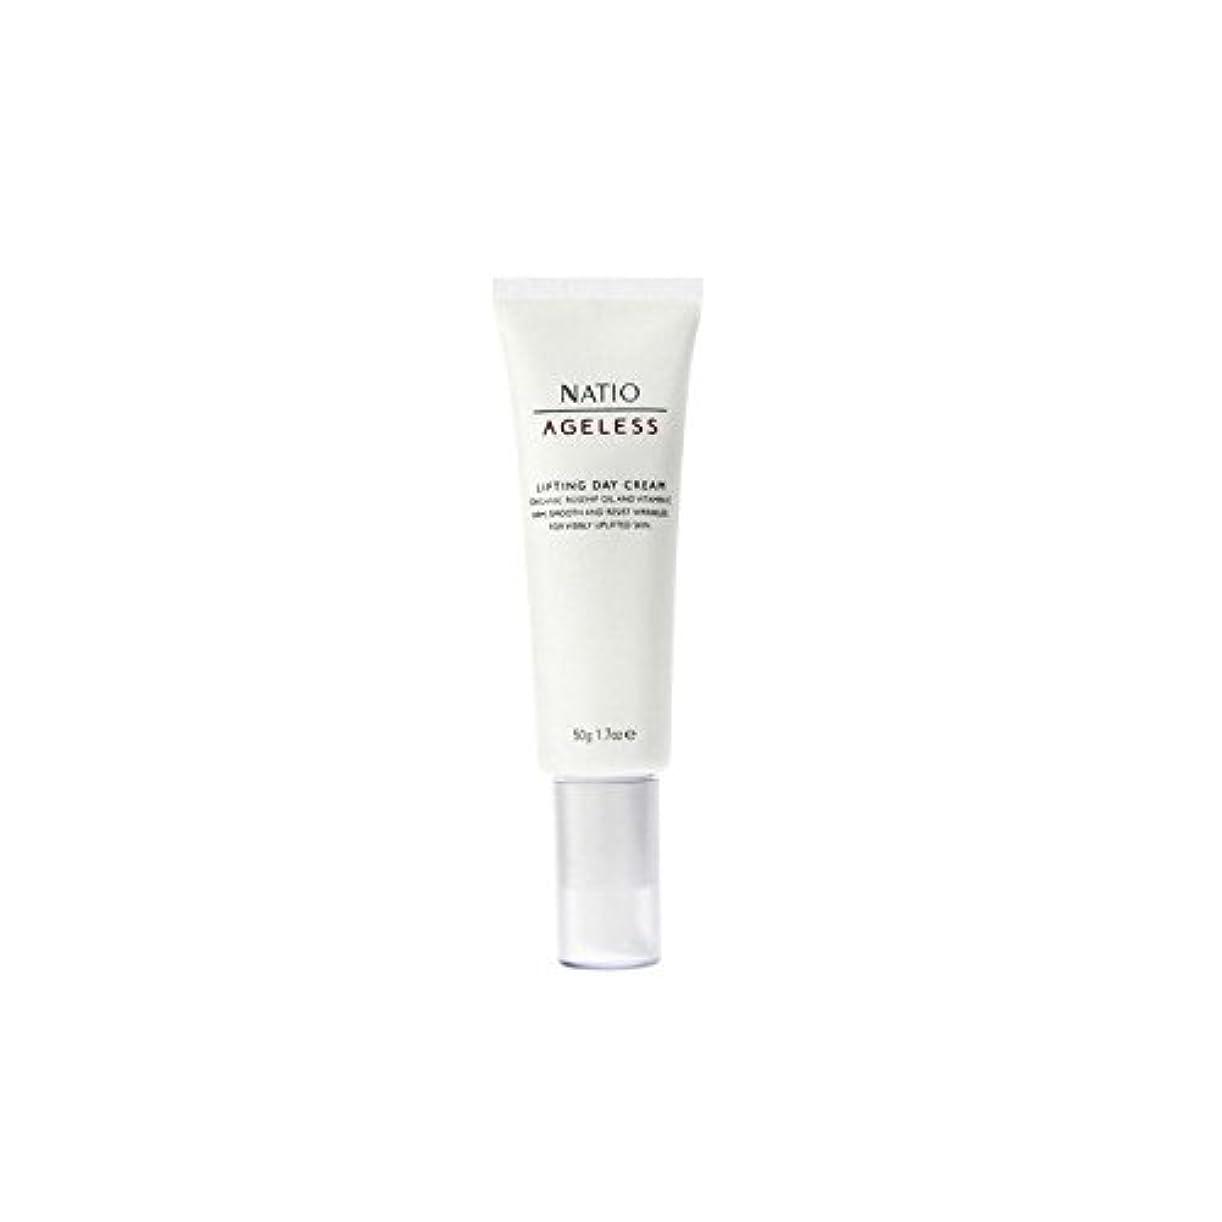 ステープル篭スキッパーNatio Ageless Lifting Day Cream (50G) (Pack of 6) - 永遠リフティングデイクリーム(50グラム) x6 [並行輸入品]